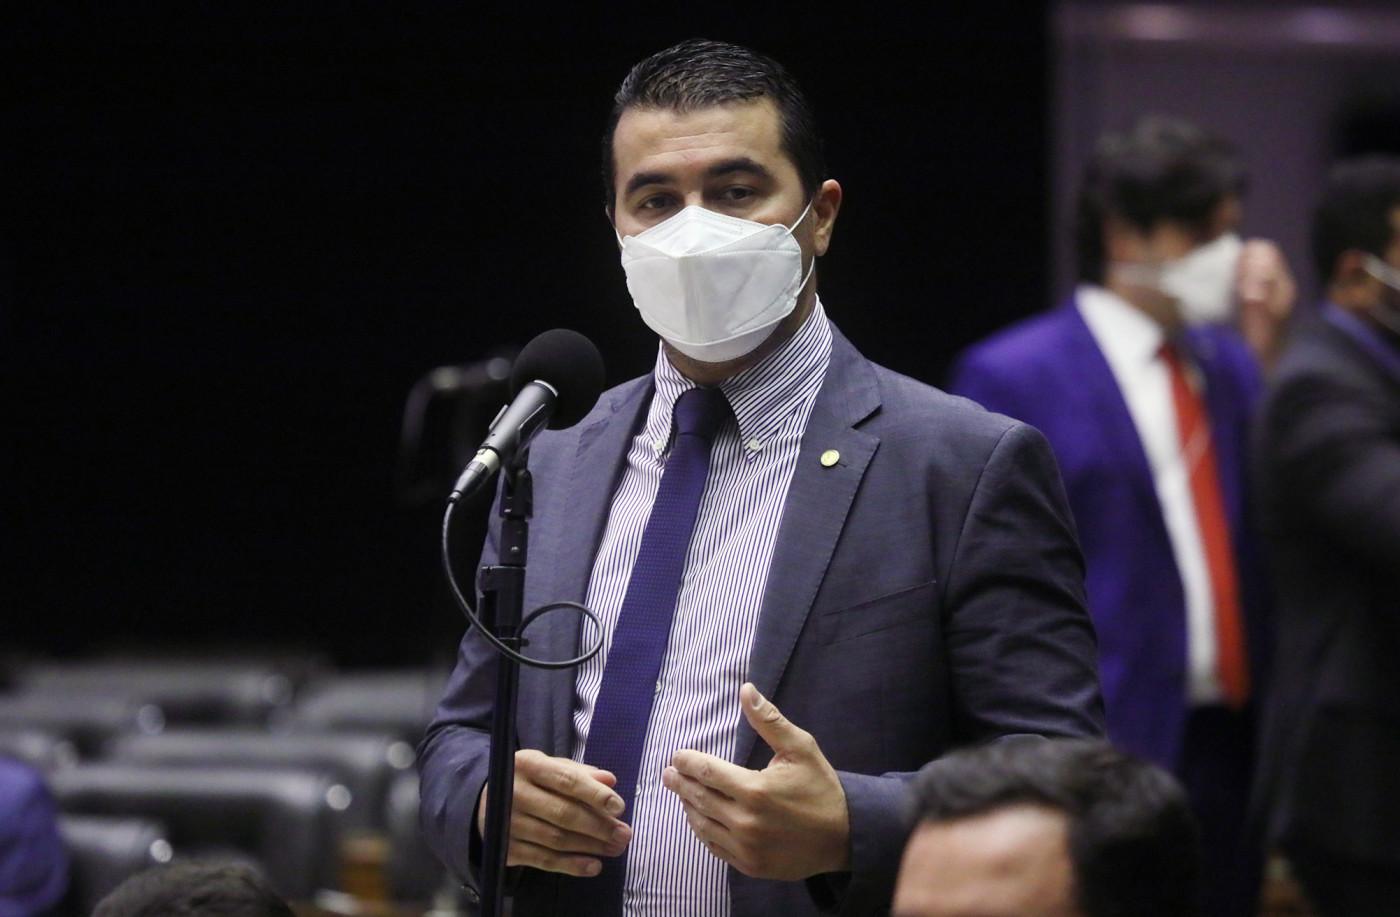 Deputado de máscara fala em sessão da Câmara